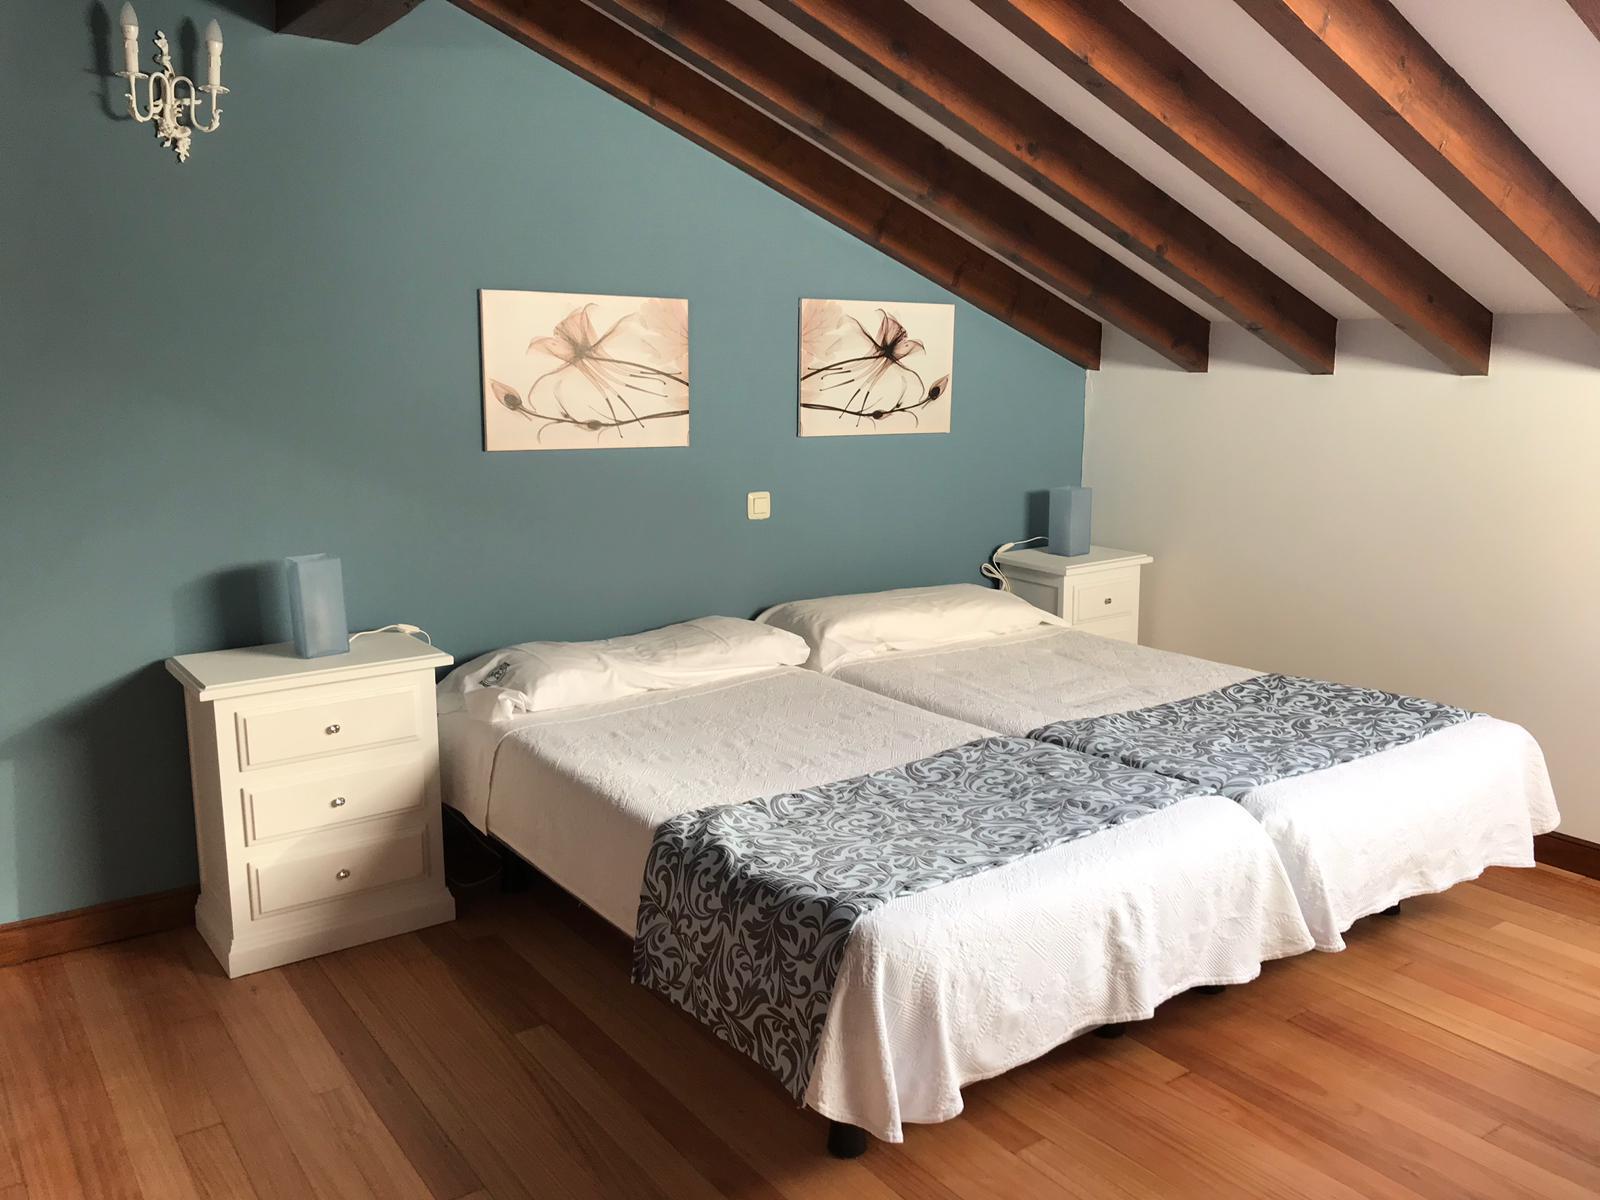 hotel rural-abanillas-cantabria-san vicente-comillas-llanes-asturias-mascotas-desayuno-casa rural (13)